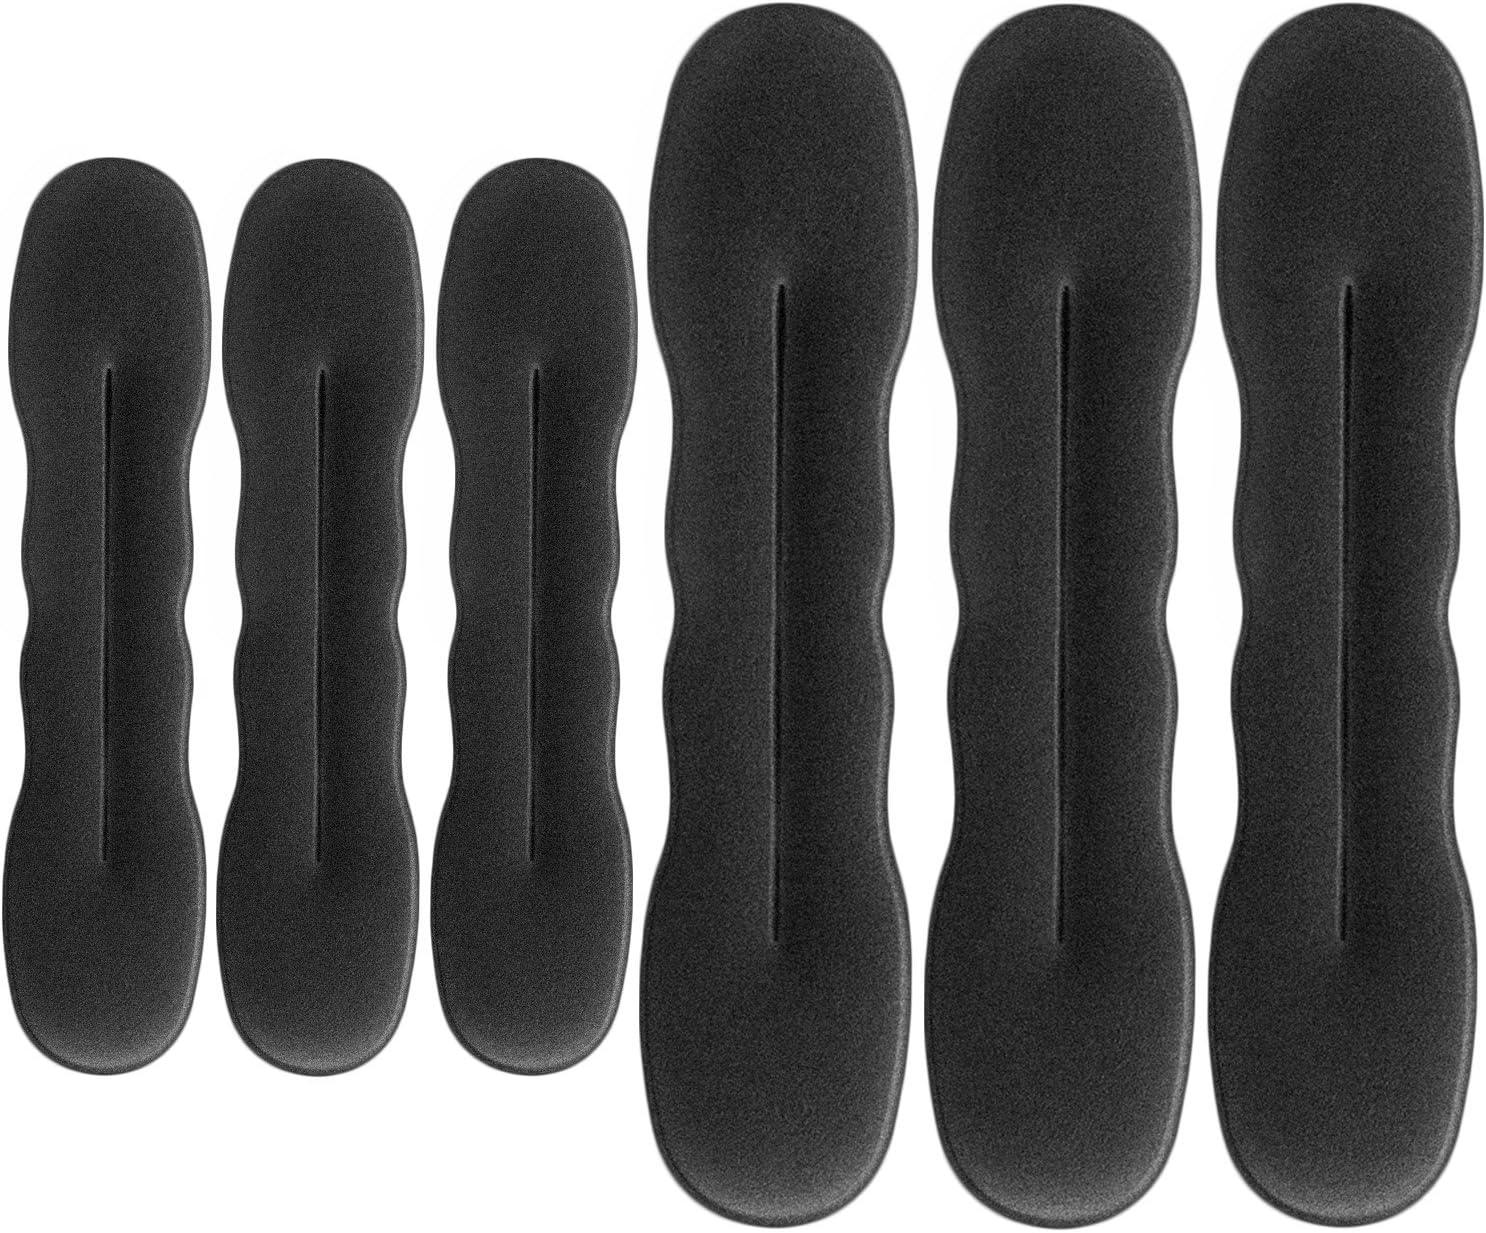 Set de 6 gomas para el pelo (3 grandes y 3 pequeñas) para coger el pelo, hacer moños etc